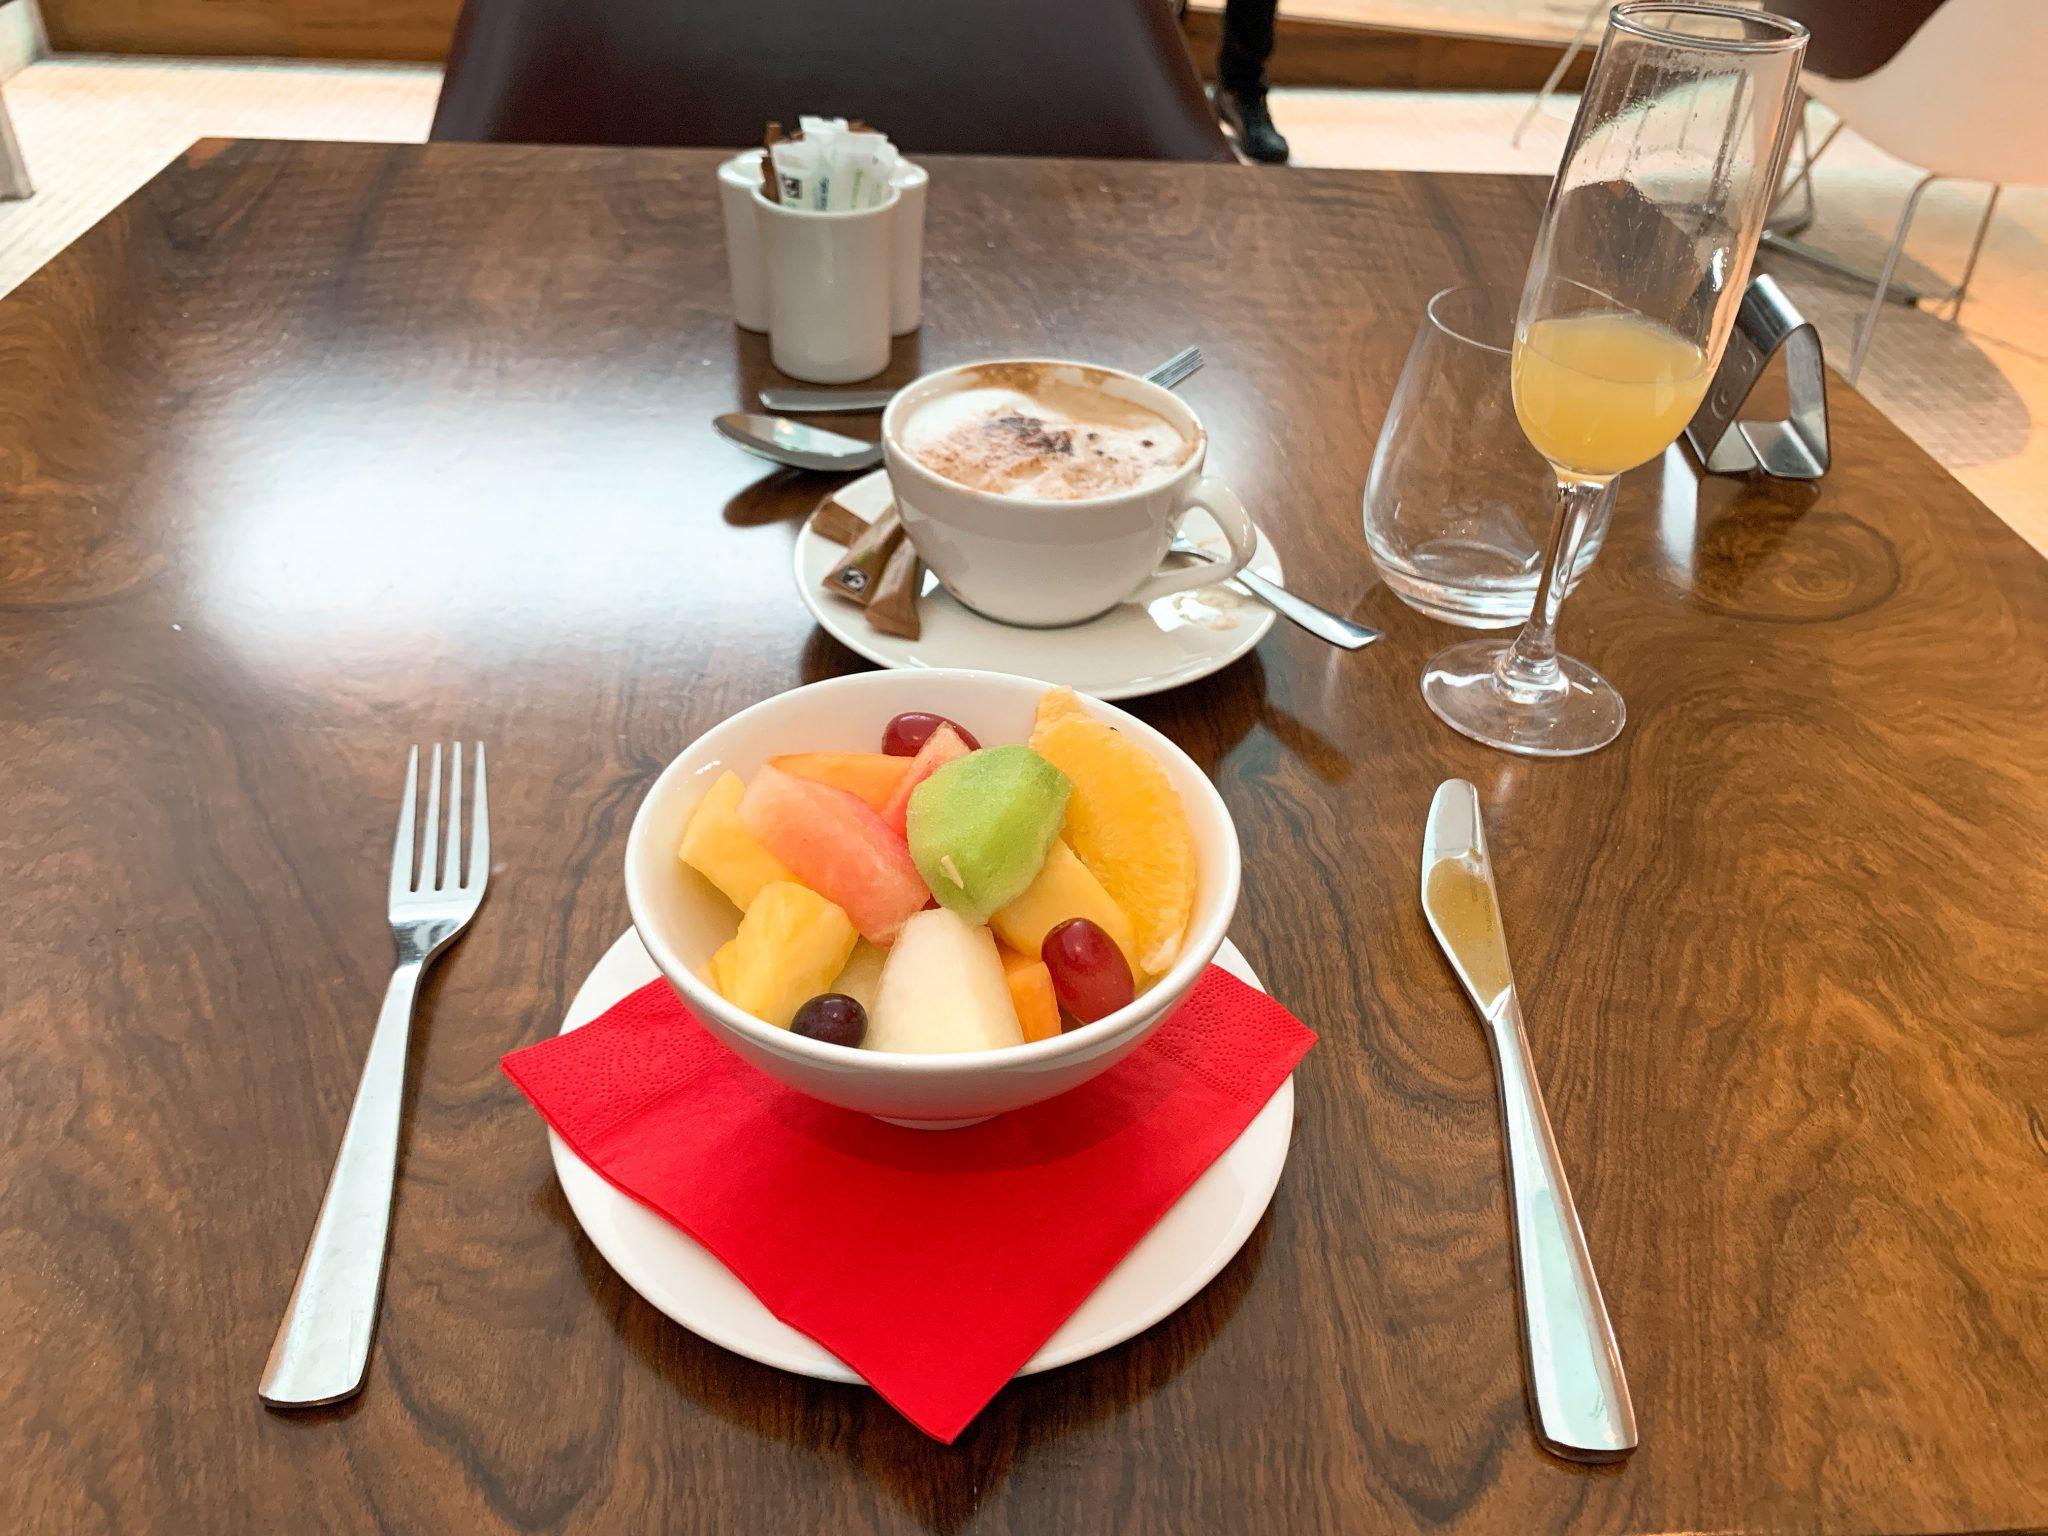 VIrgin clubhouse fruit salad heathrow